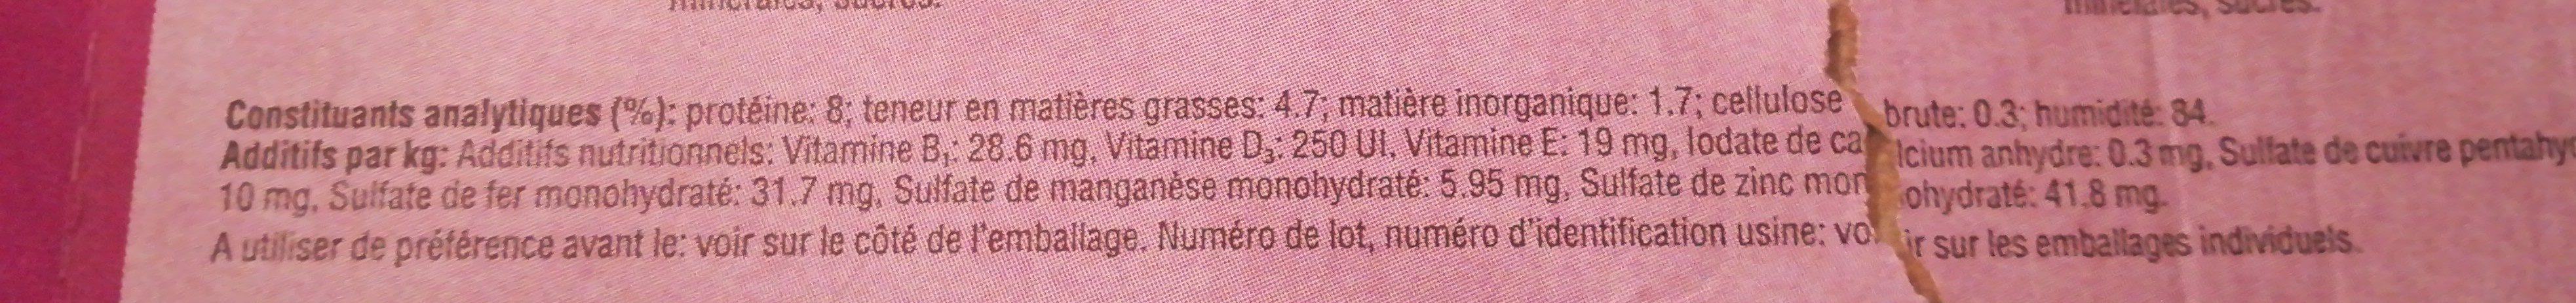 Whiskas Repas - Ingredients - fr